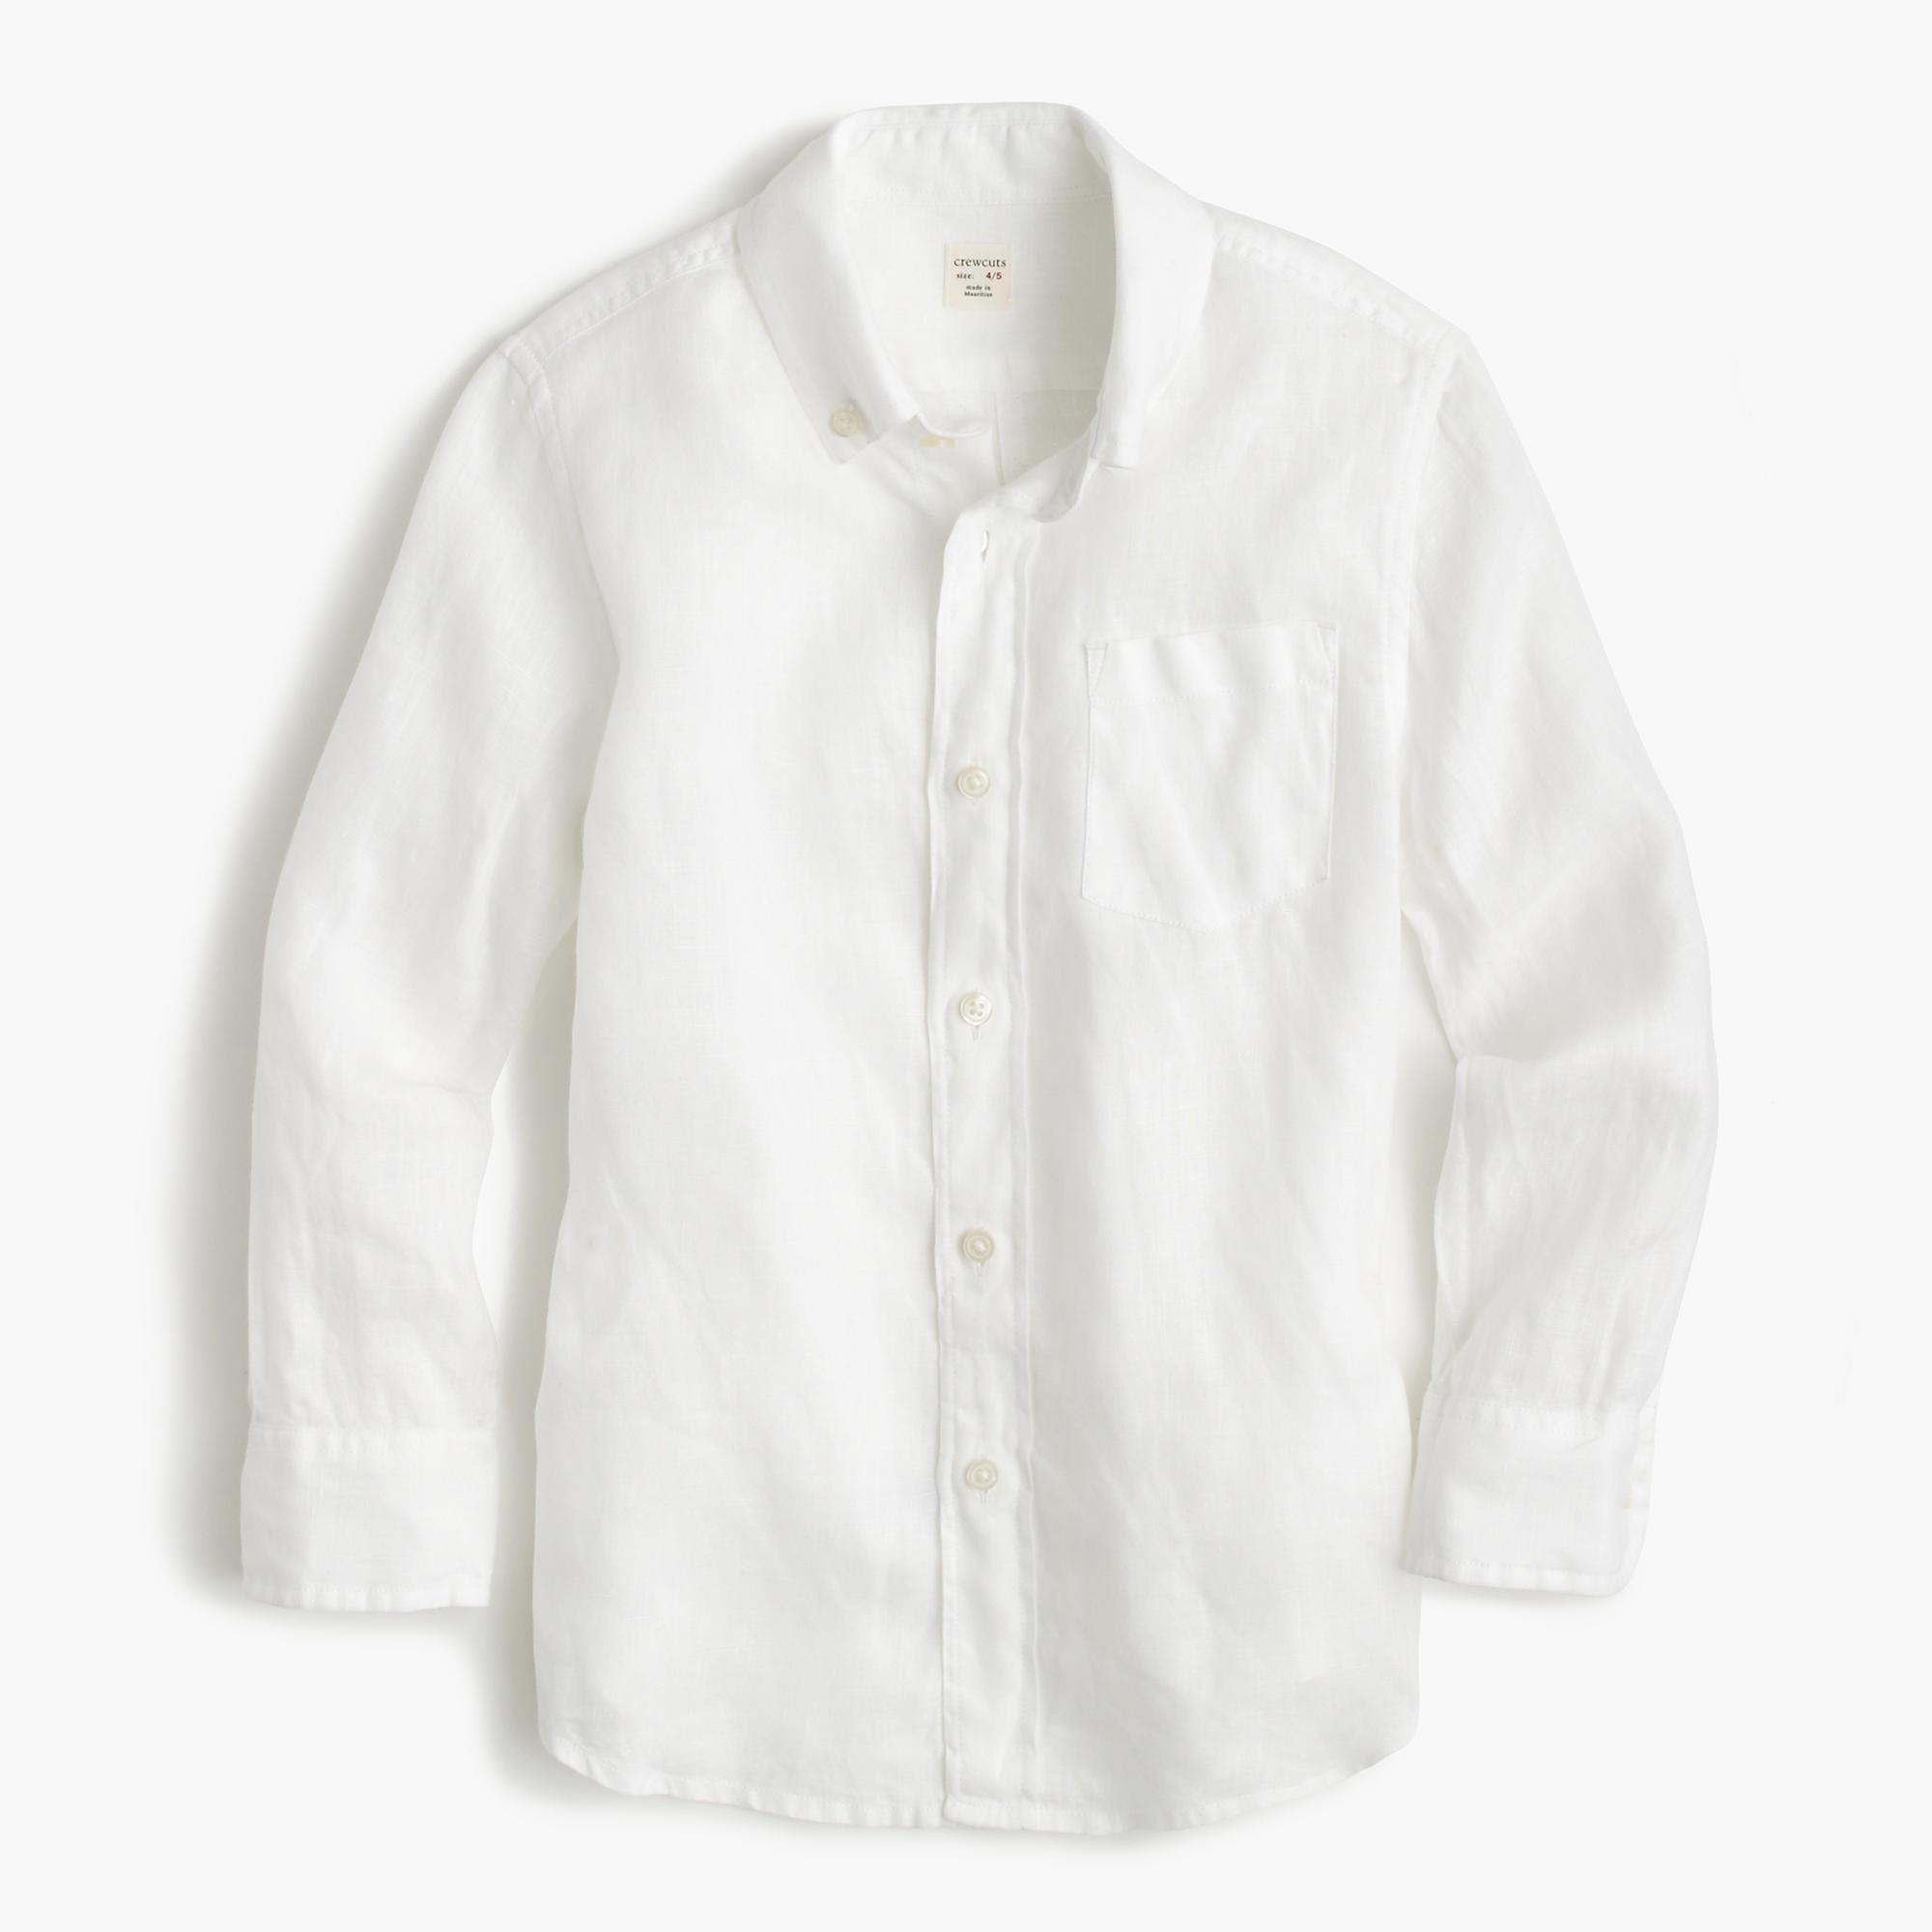 Kids 39 irish linen shirt in white j crew for Irish linen dress shirts